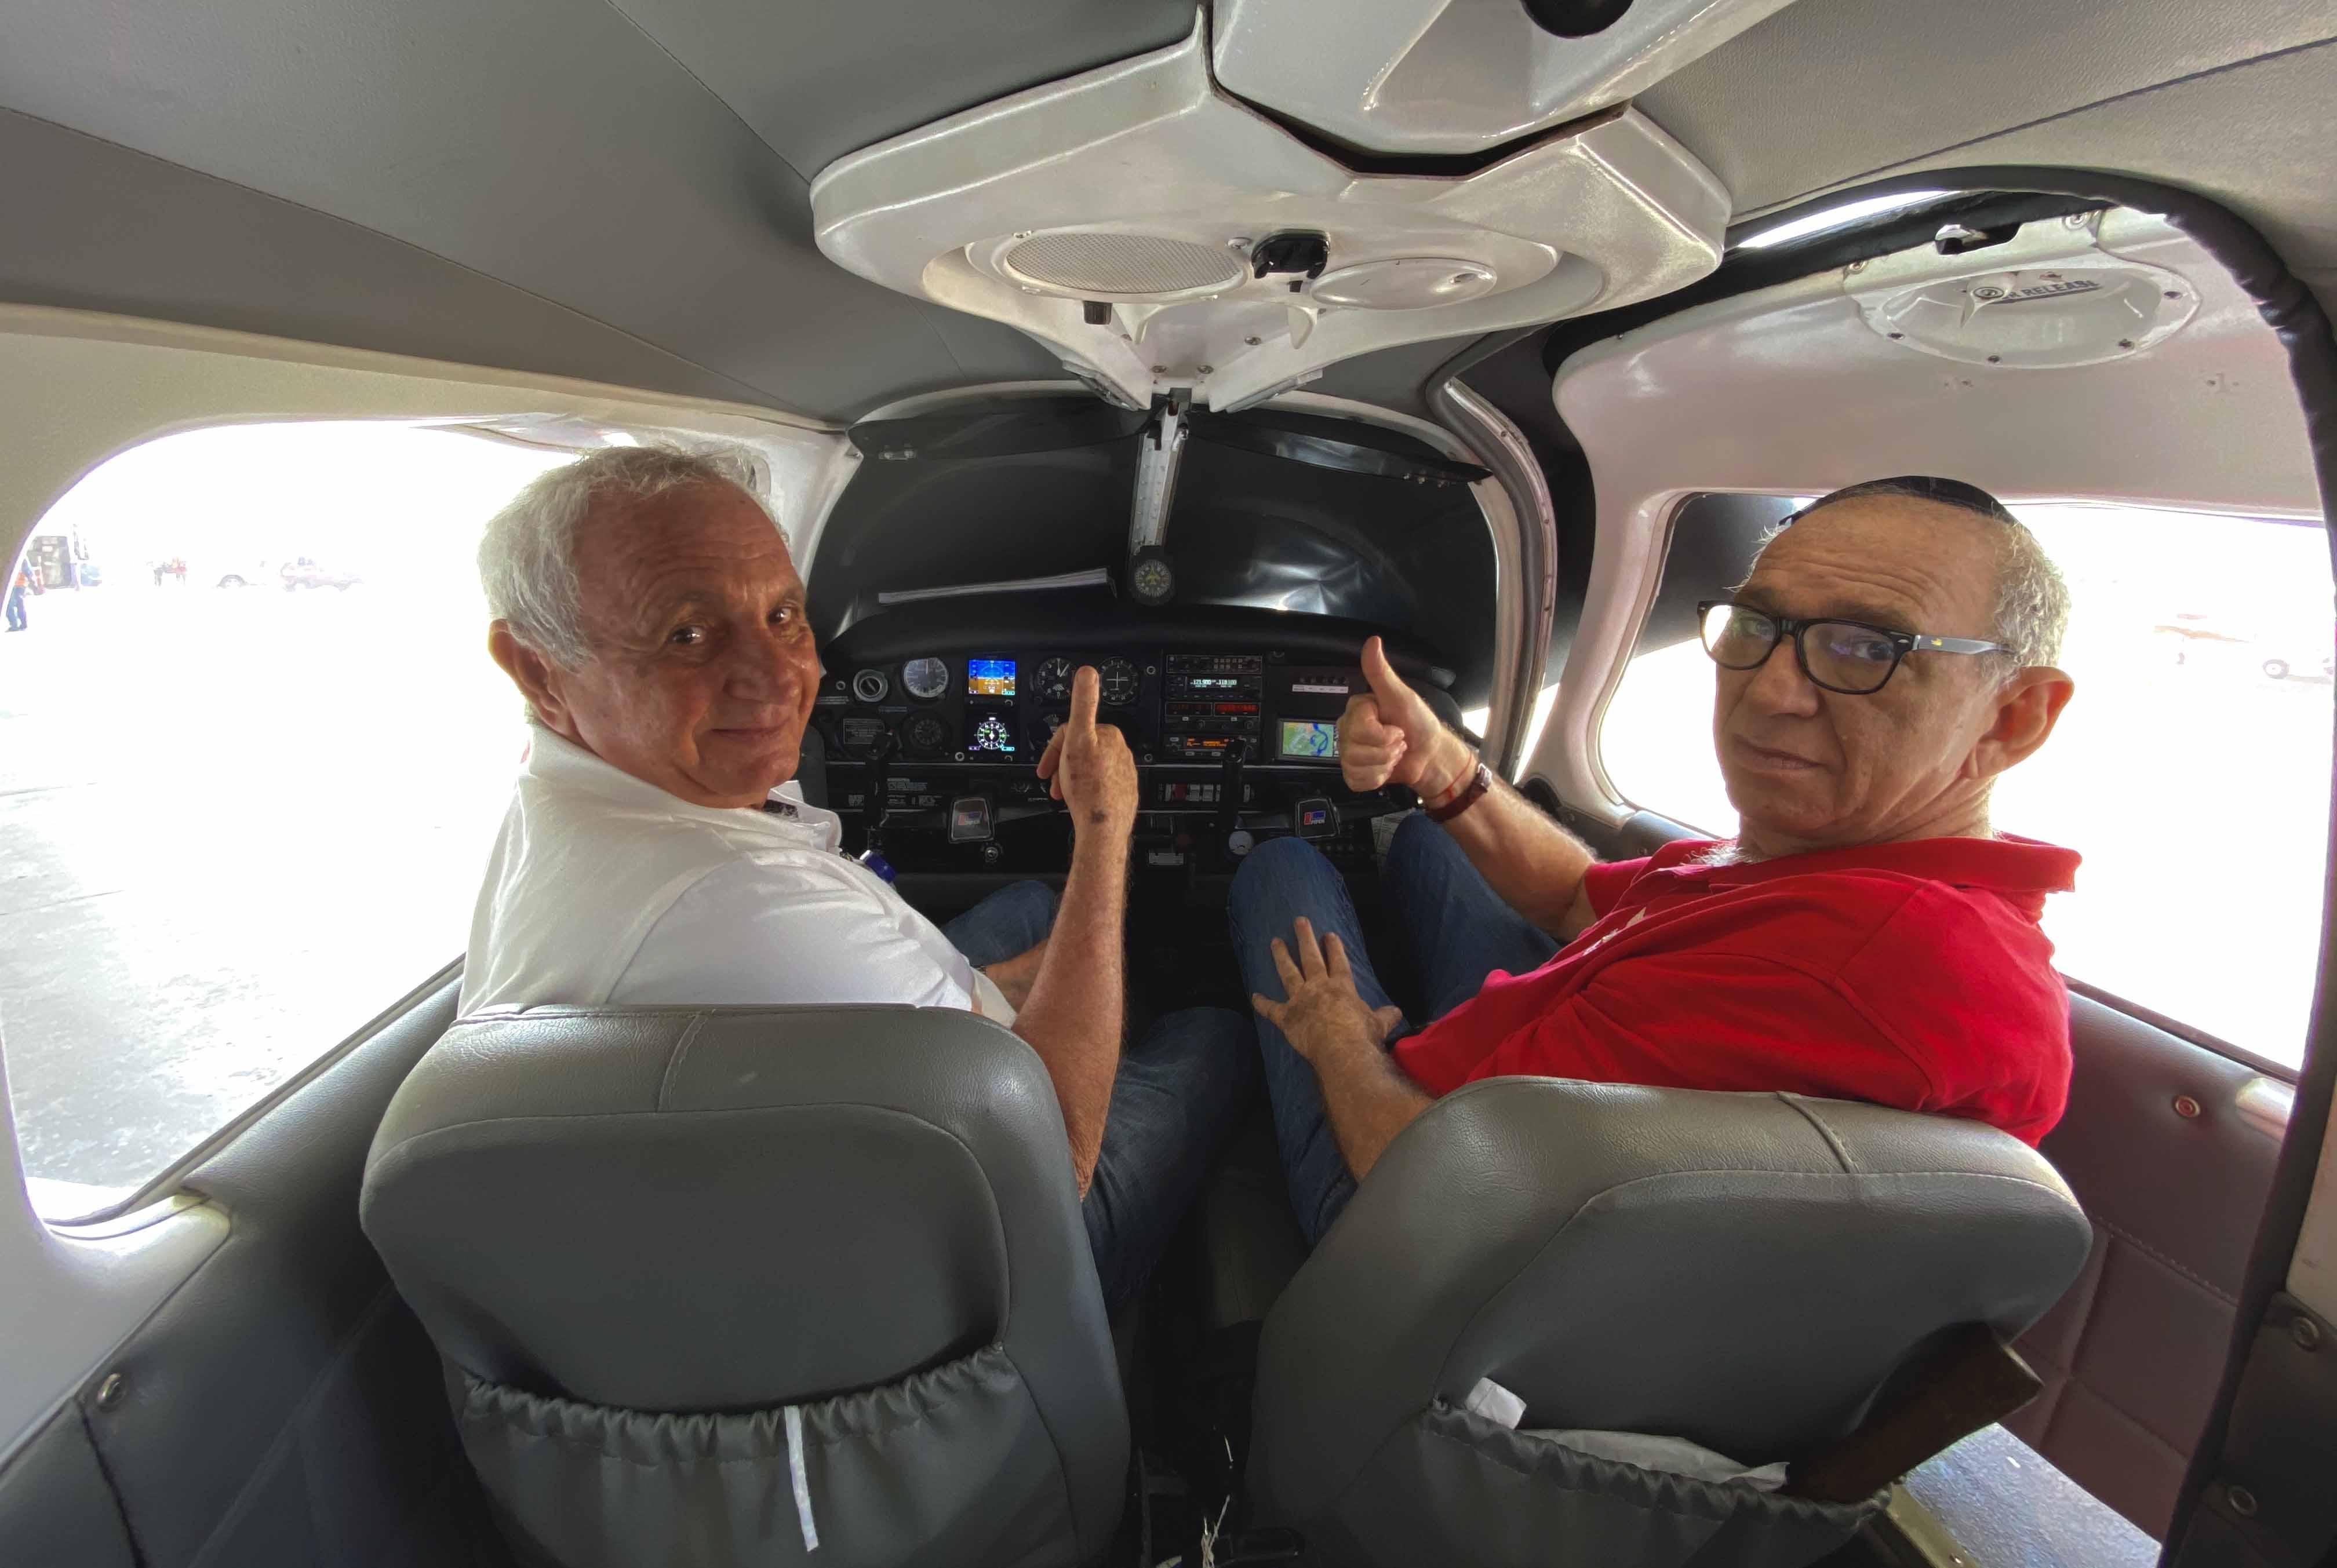 La familia Lachmann vuela impulsada por su pasión: la aviación.